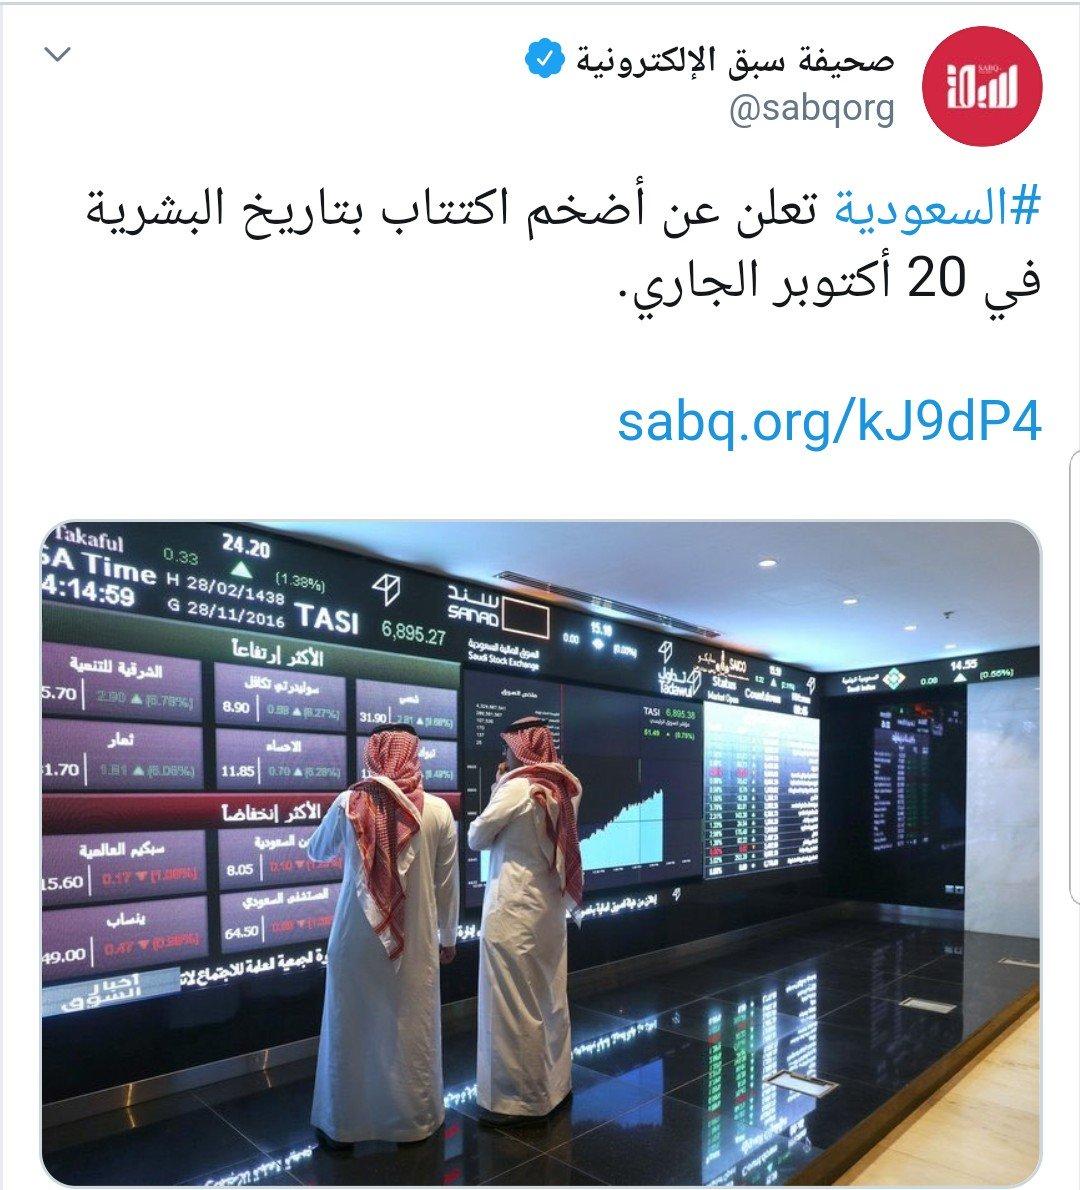 رد: الاسواق العالميه والنفط محلقه في السماء يوم الجمعه